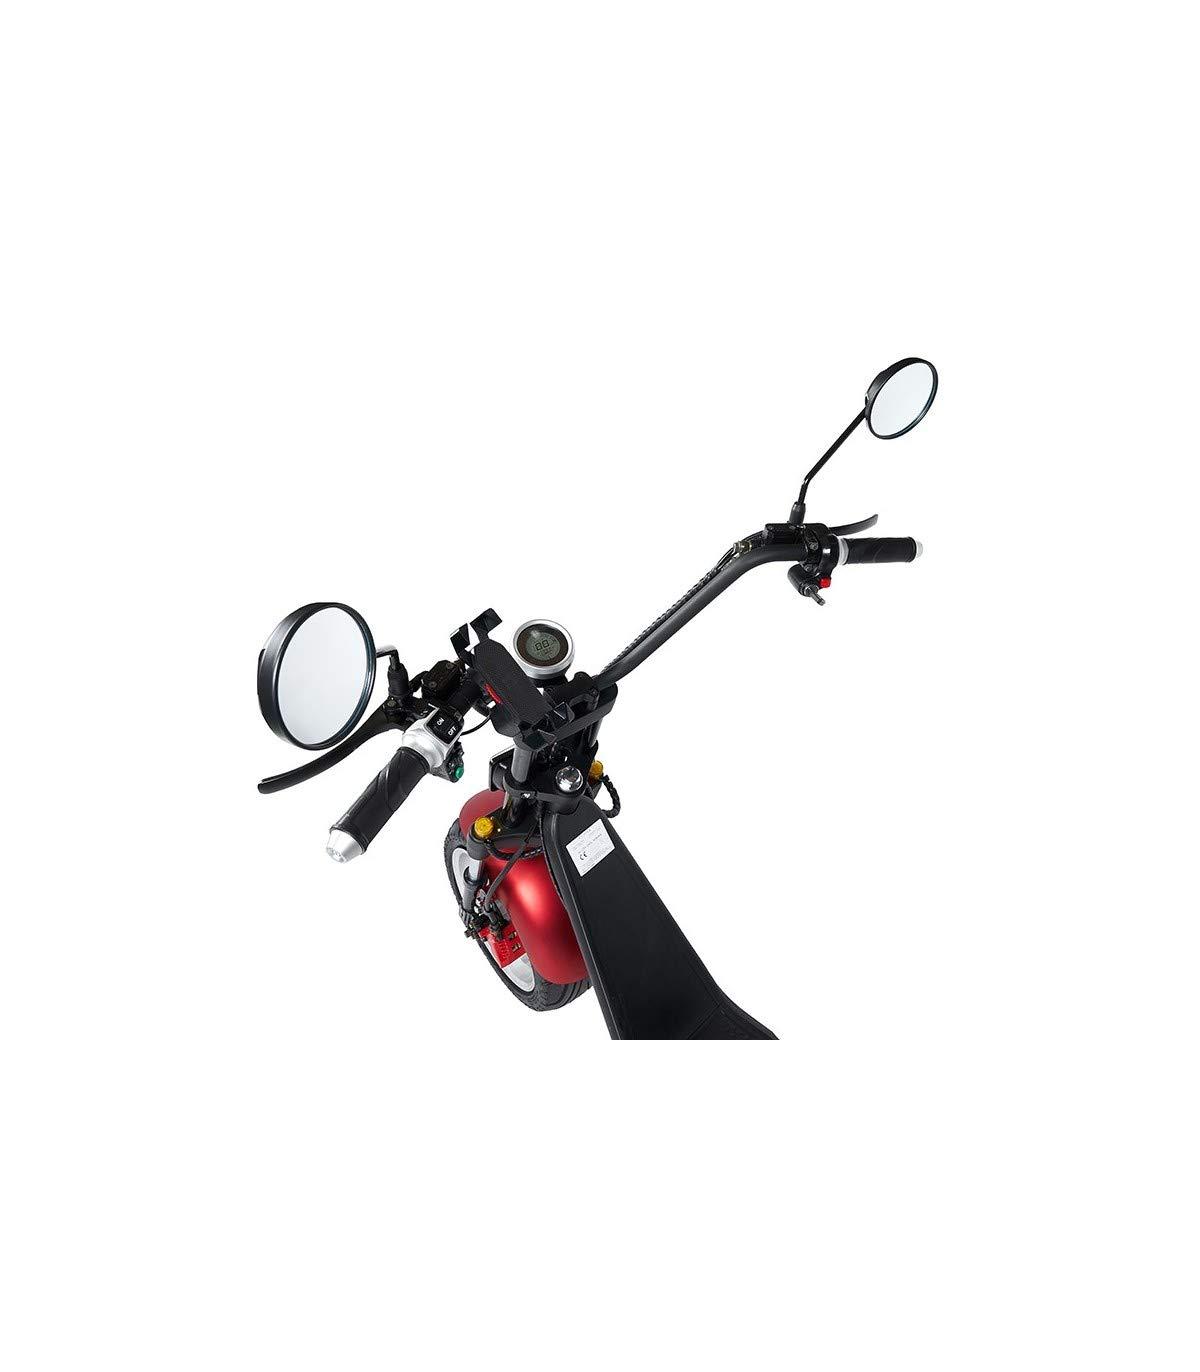 ECOXTREM Moto electrica Scooter de 1200w bateria 60v 12Ah ...